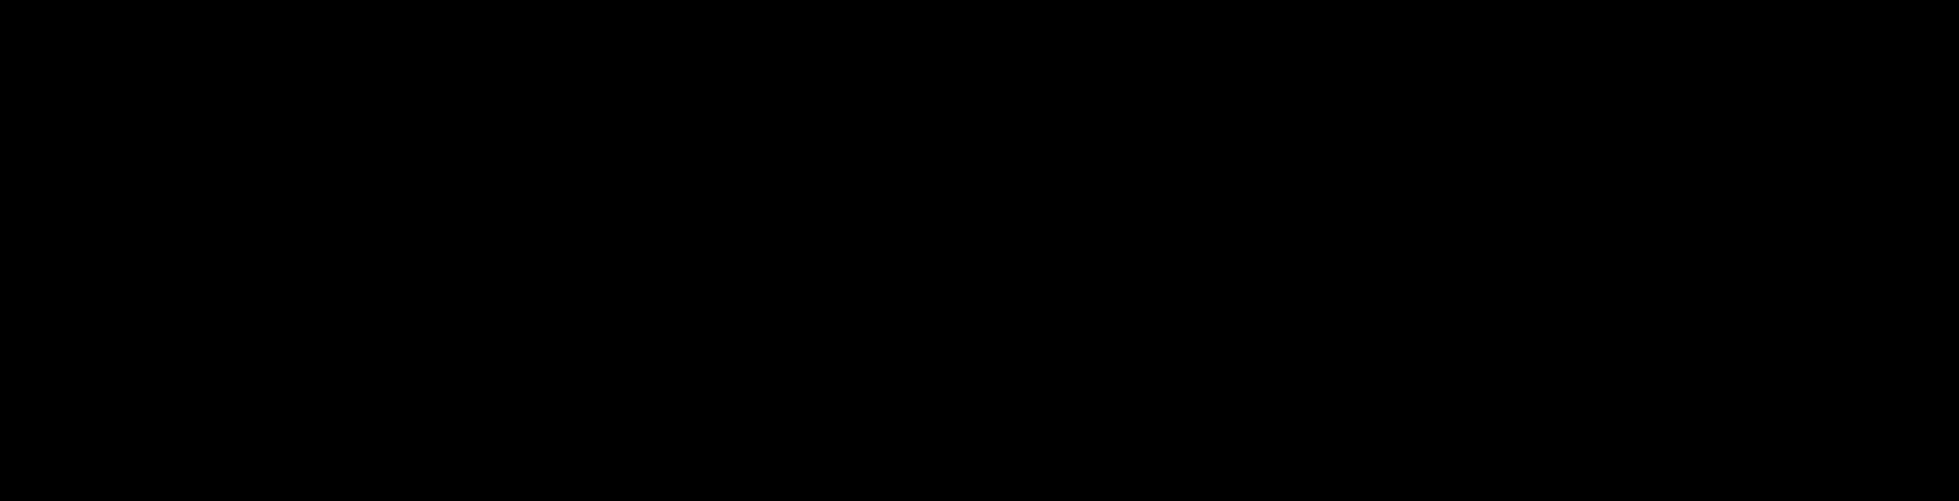 Pnona